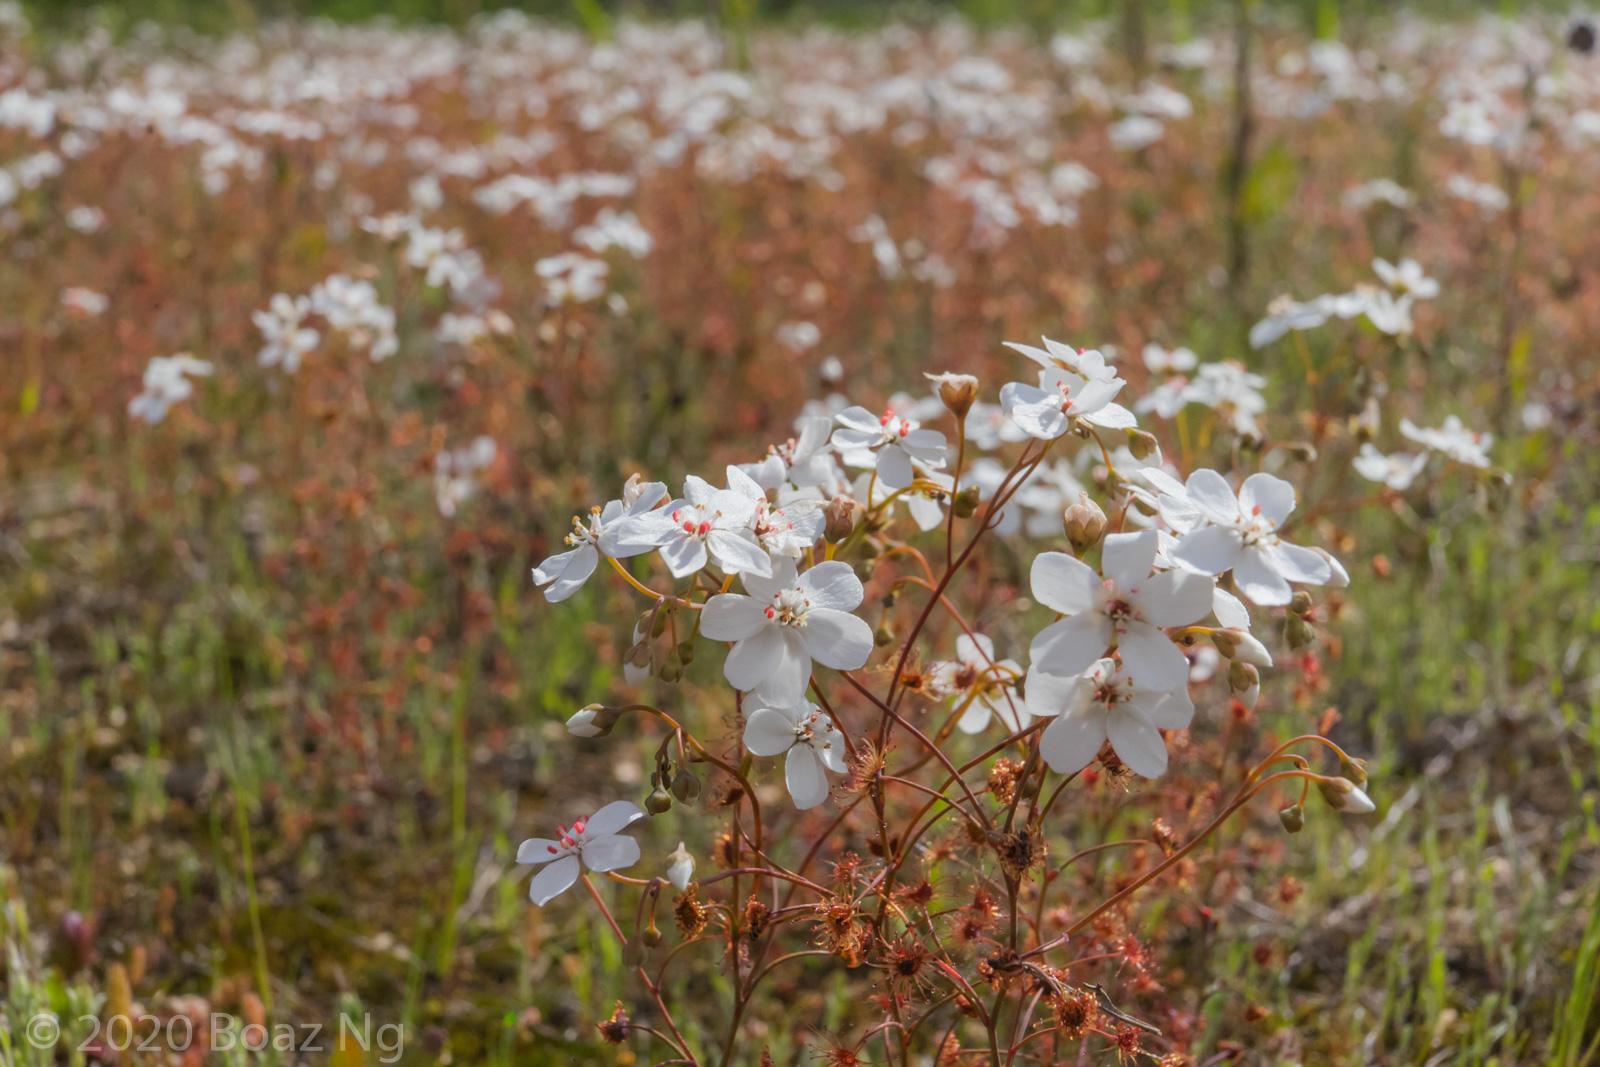 Species spotlight: Drosera graniticola